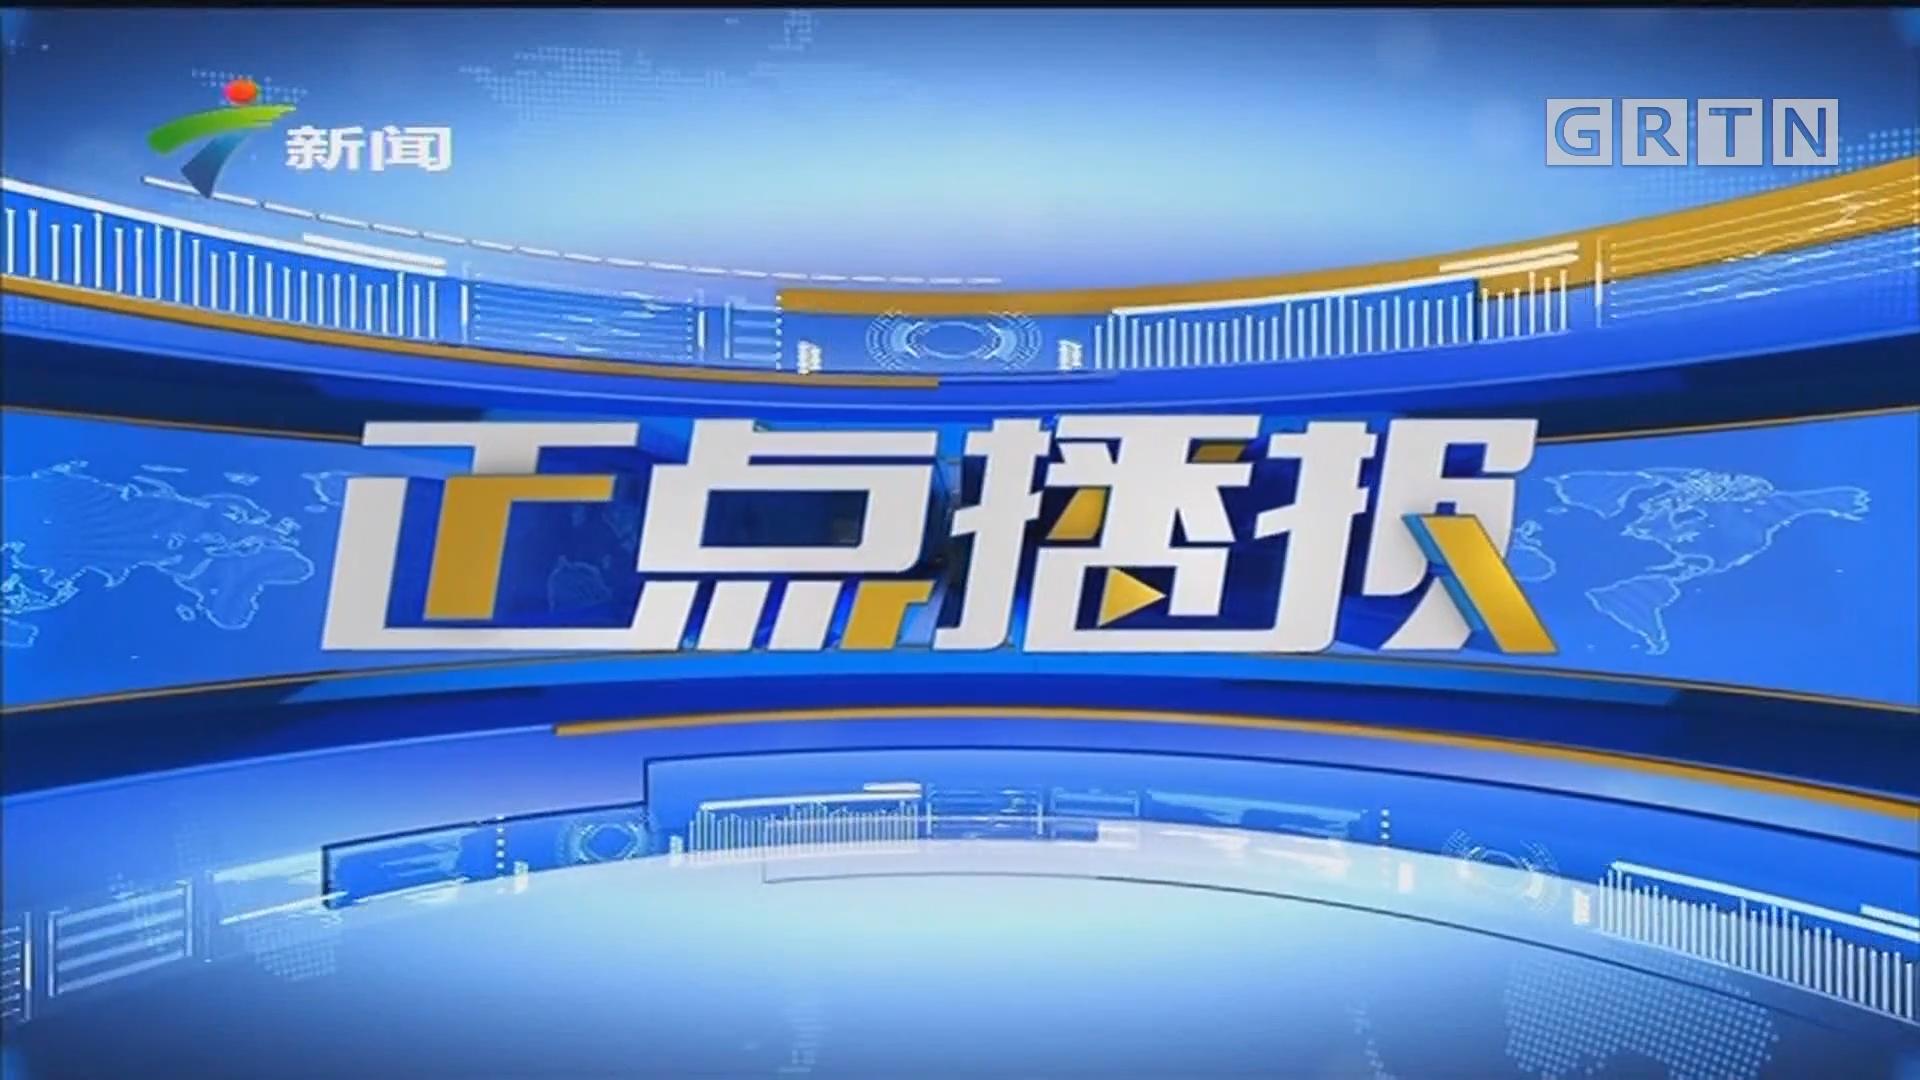 [HD][2019-09-21]正点播报:深圳:新版灯光秀炫丽上演 祝福话语深情表白祖国